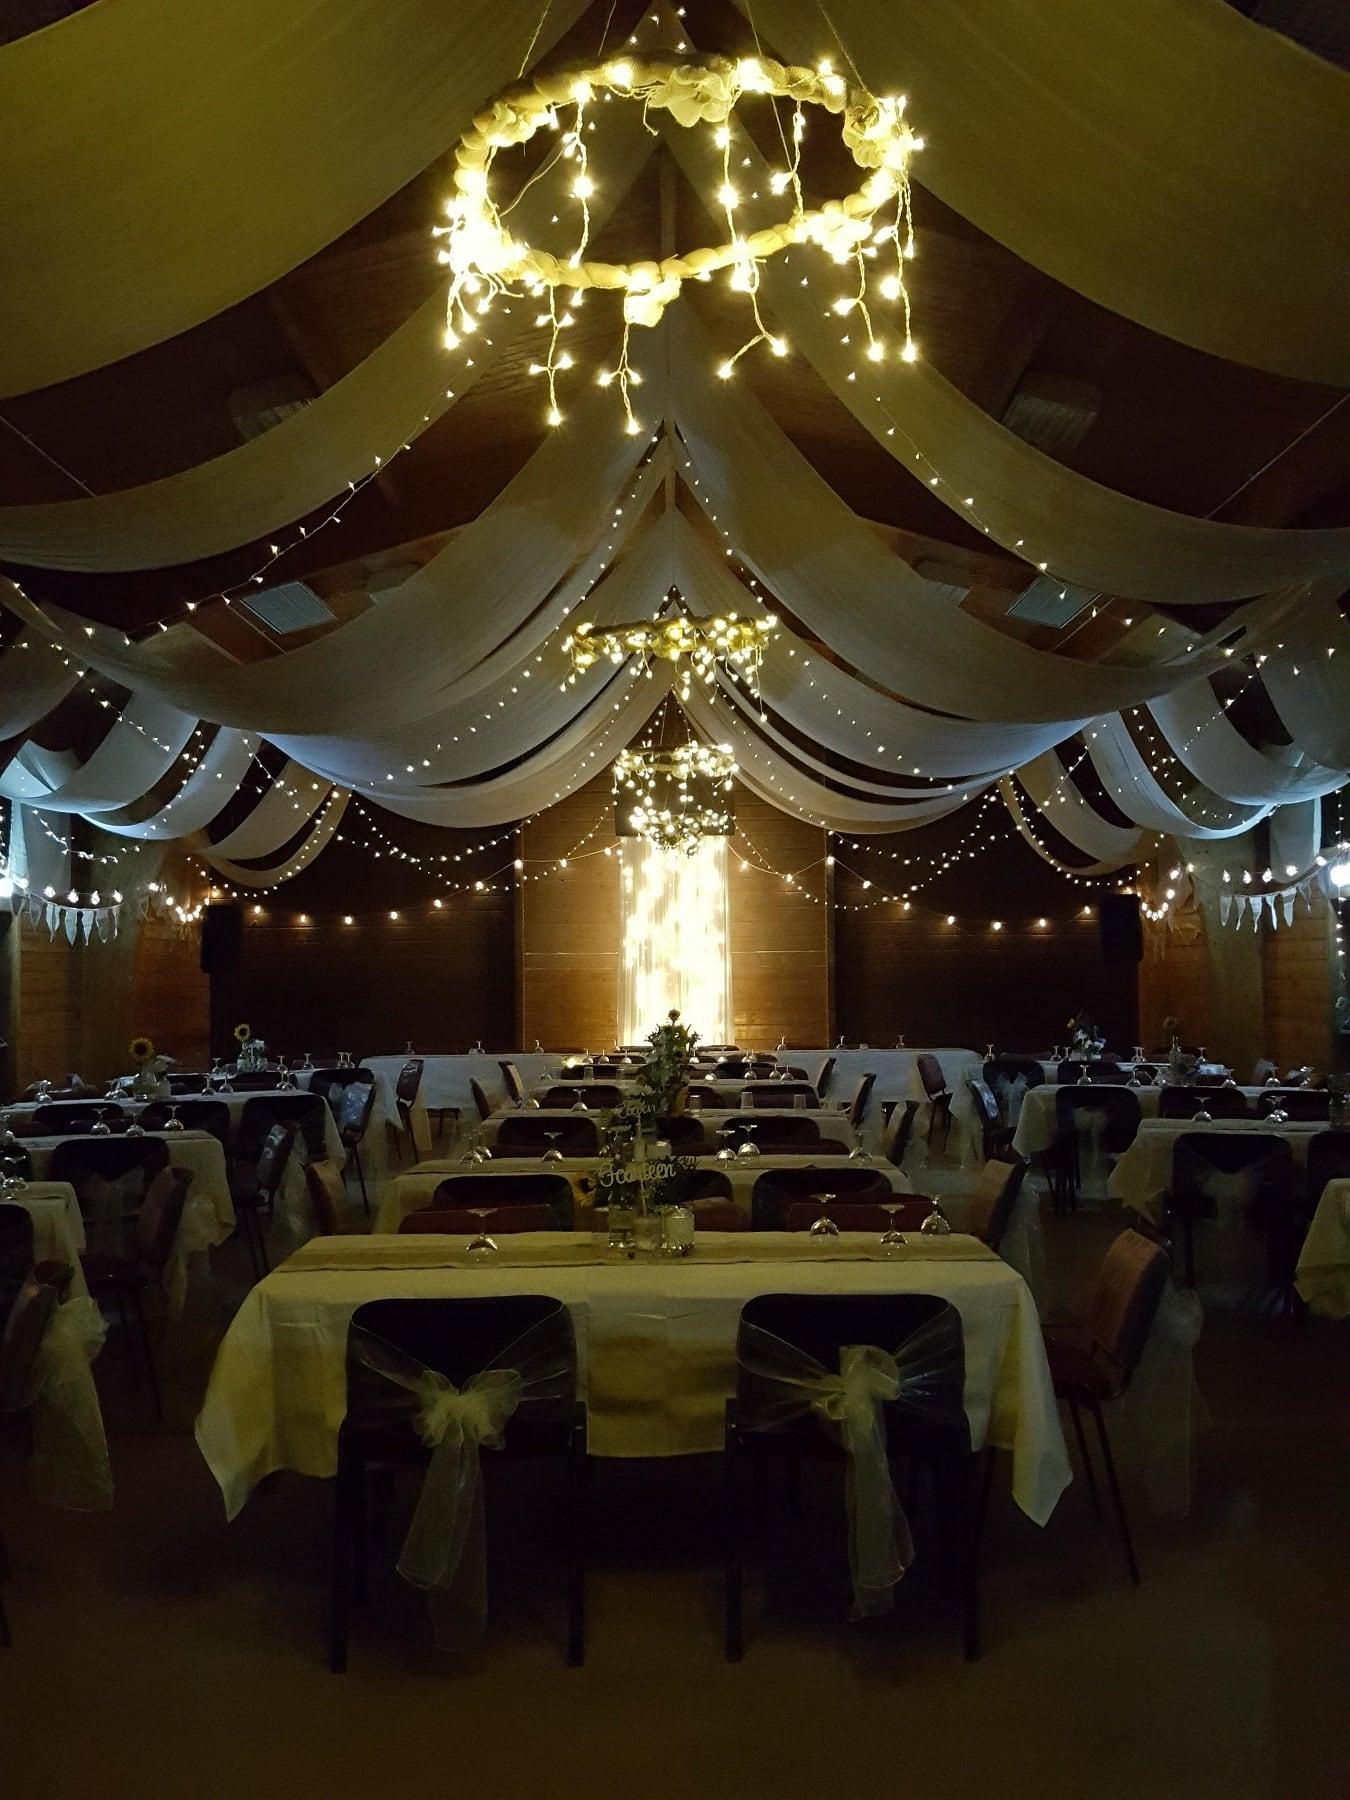 elaine-make-i-do-scottish-wedding-decor